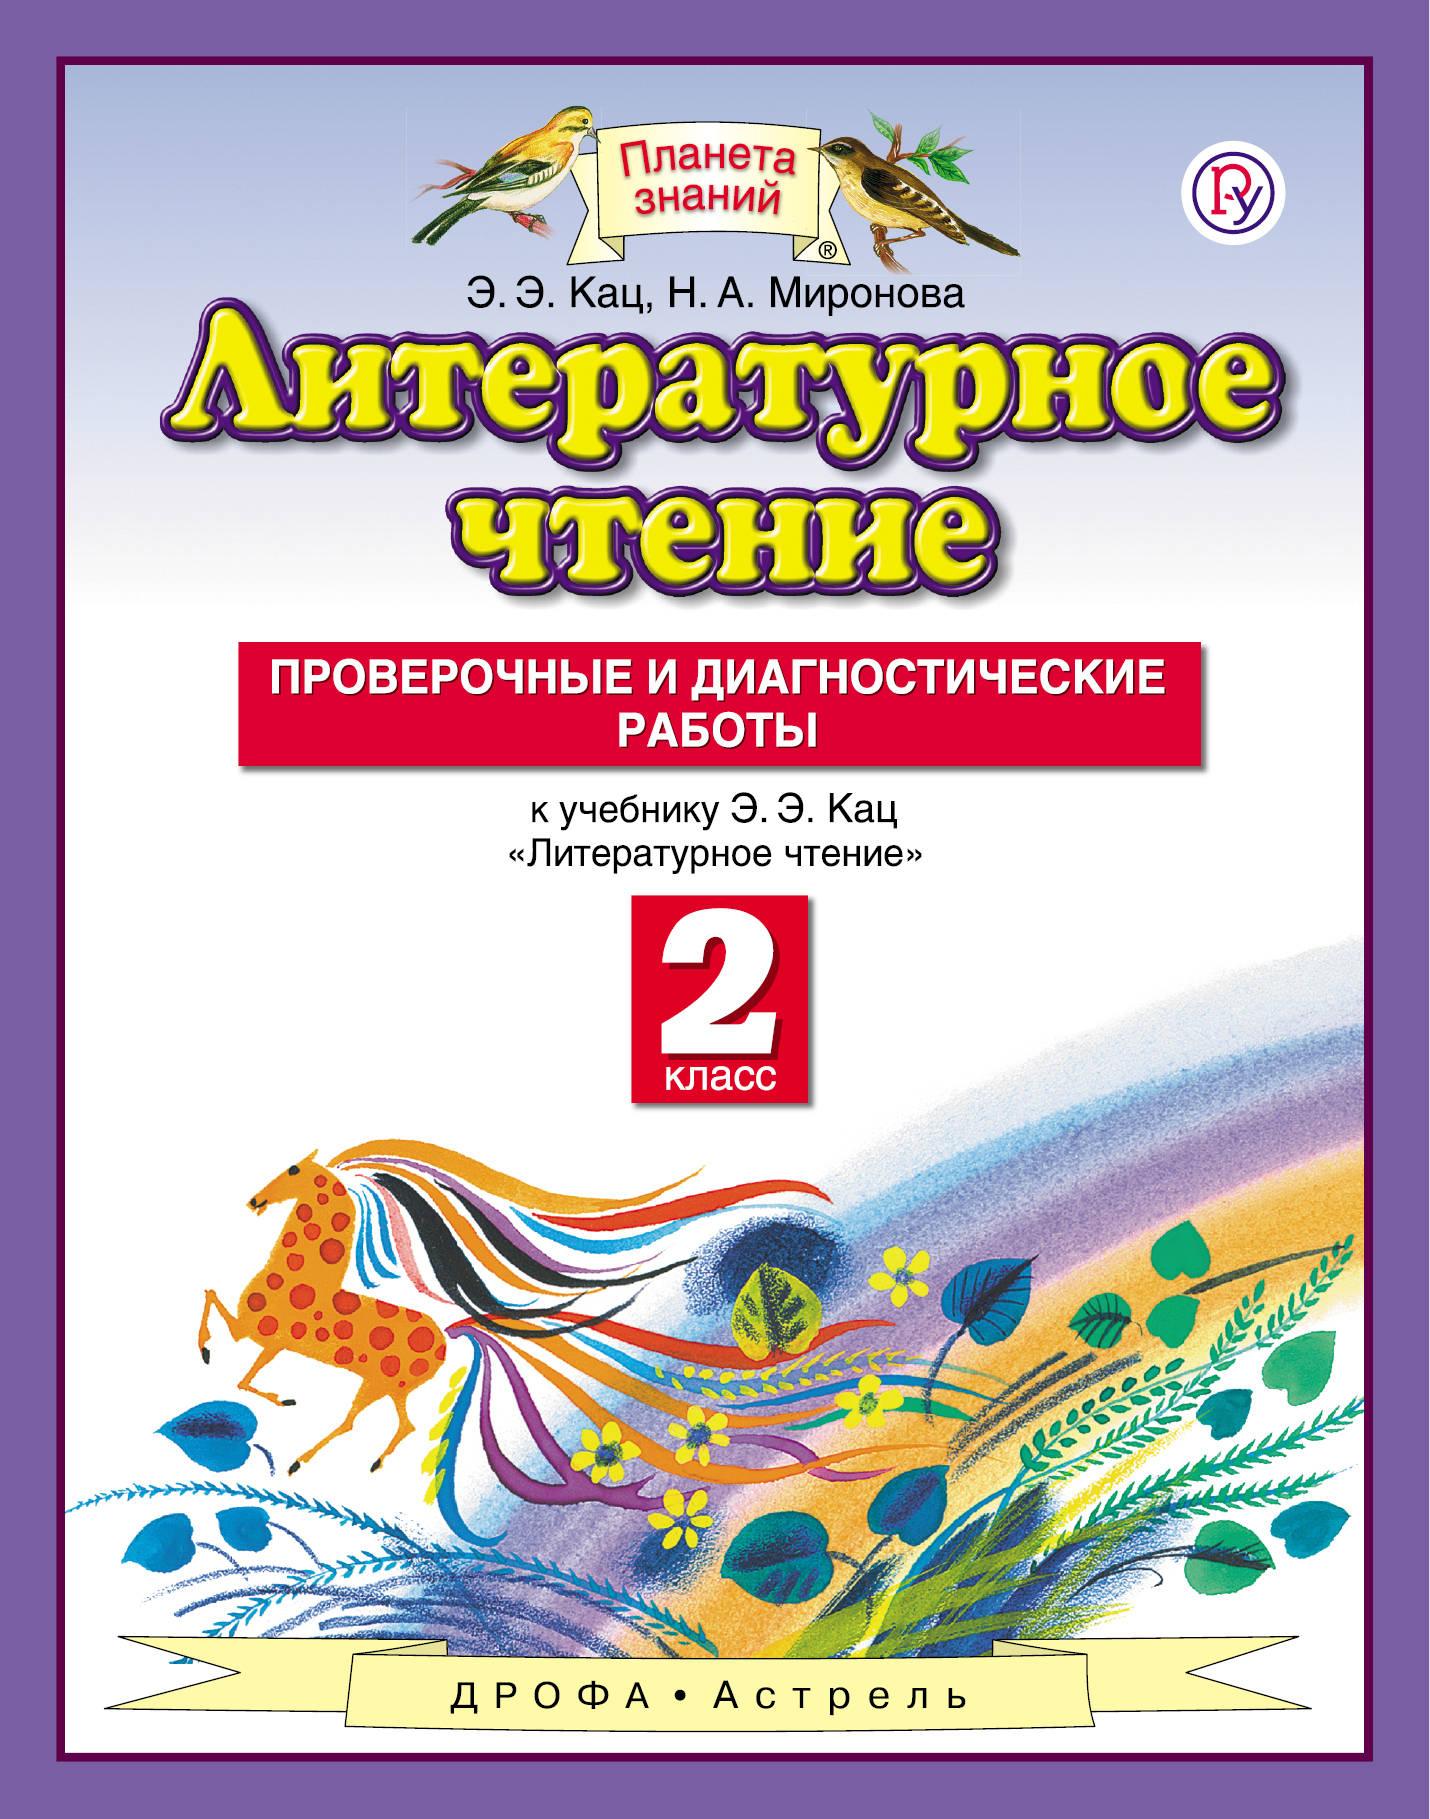 Литературное чтение. 2 класс. Проверочные и диагностические работы, Э. Э. Кац